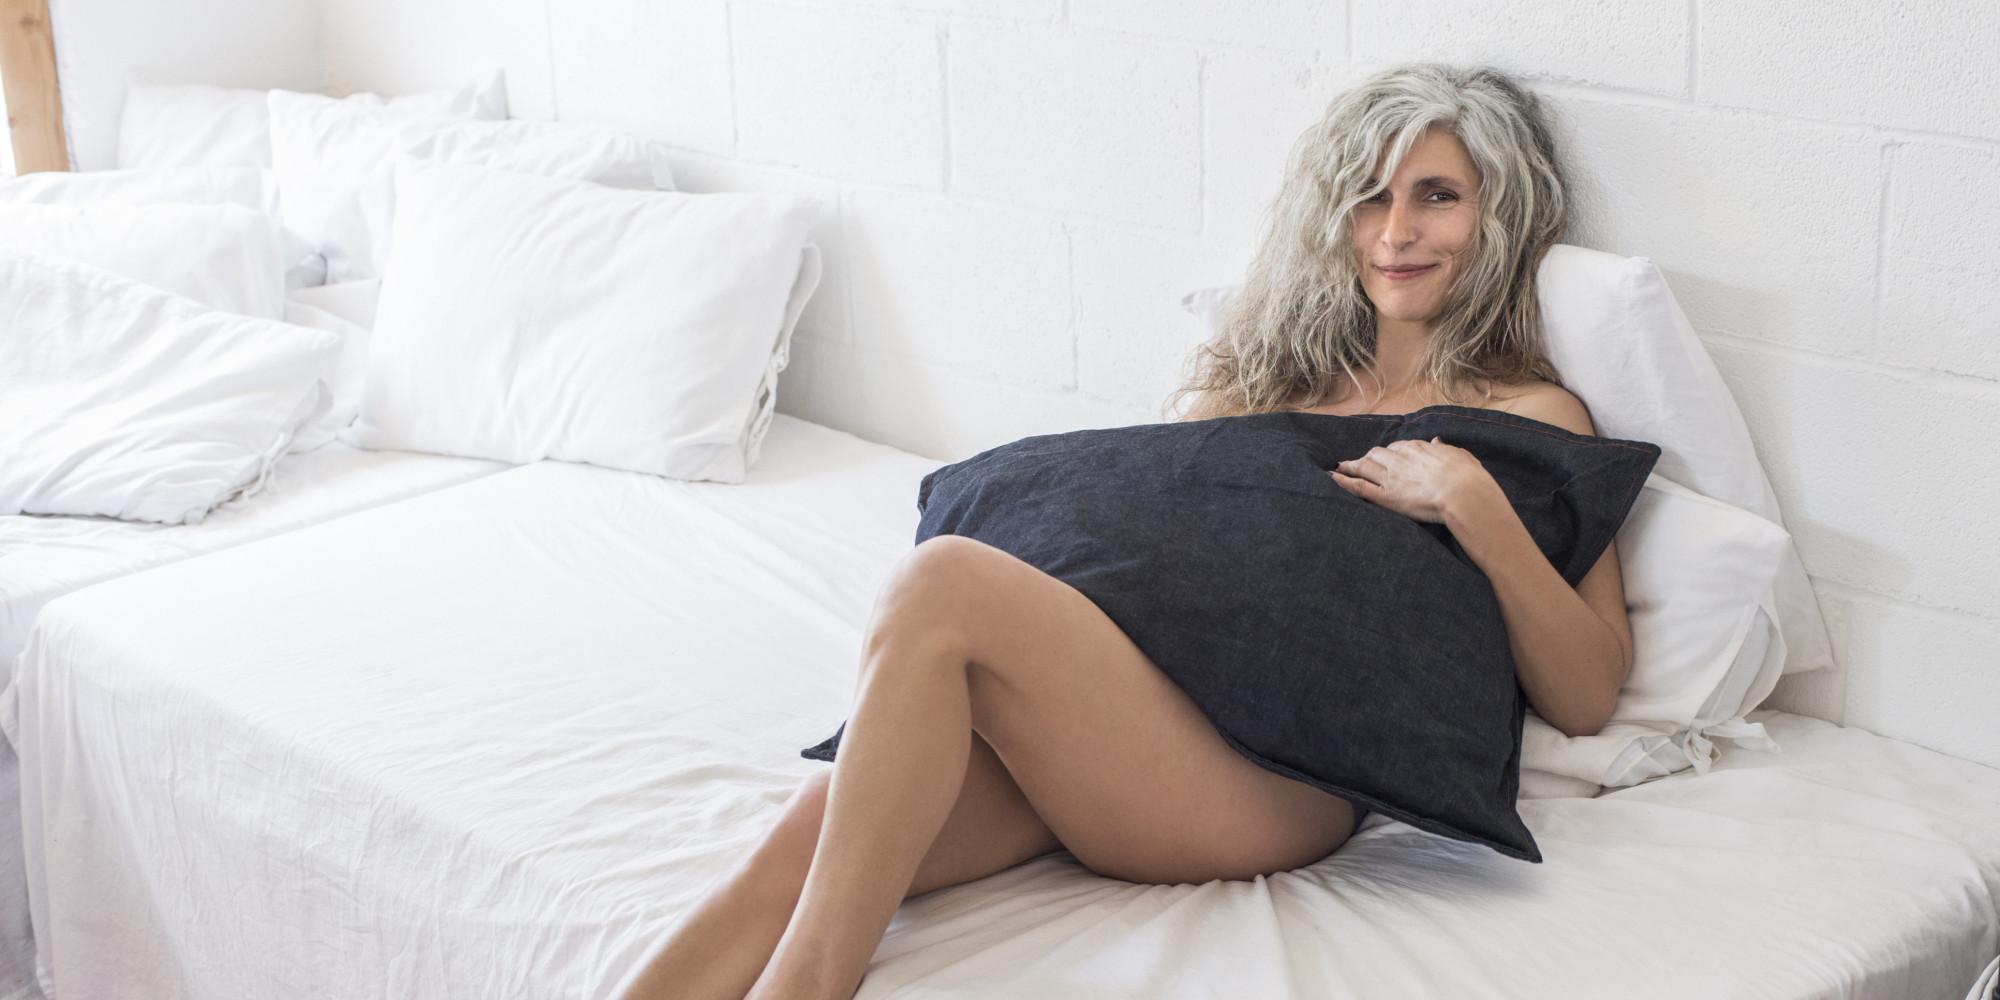 55 Fling Woman Seeking Perverted Man To 50